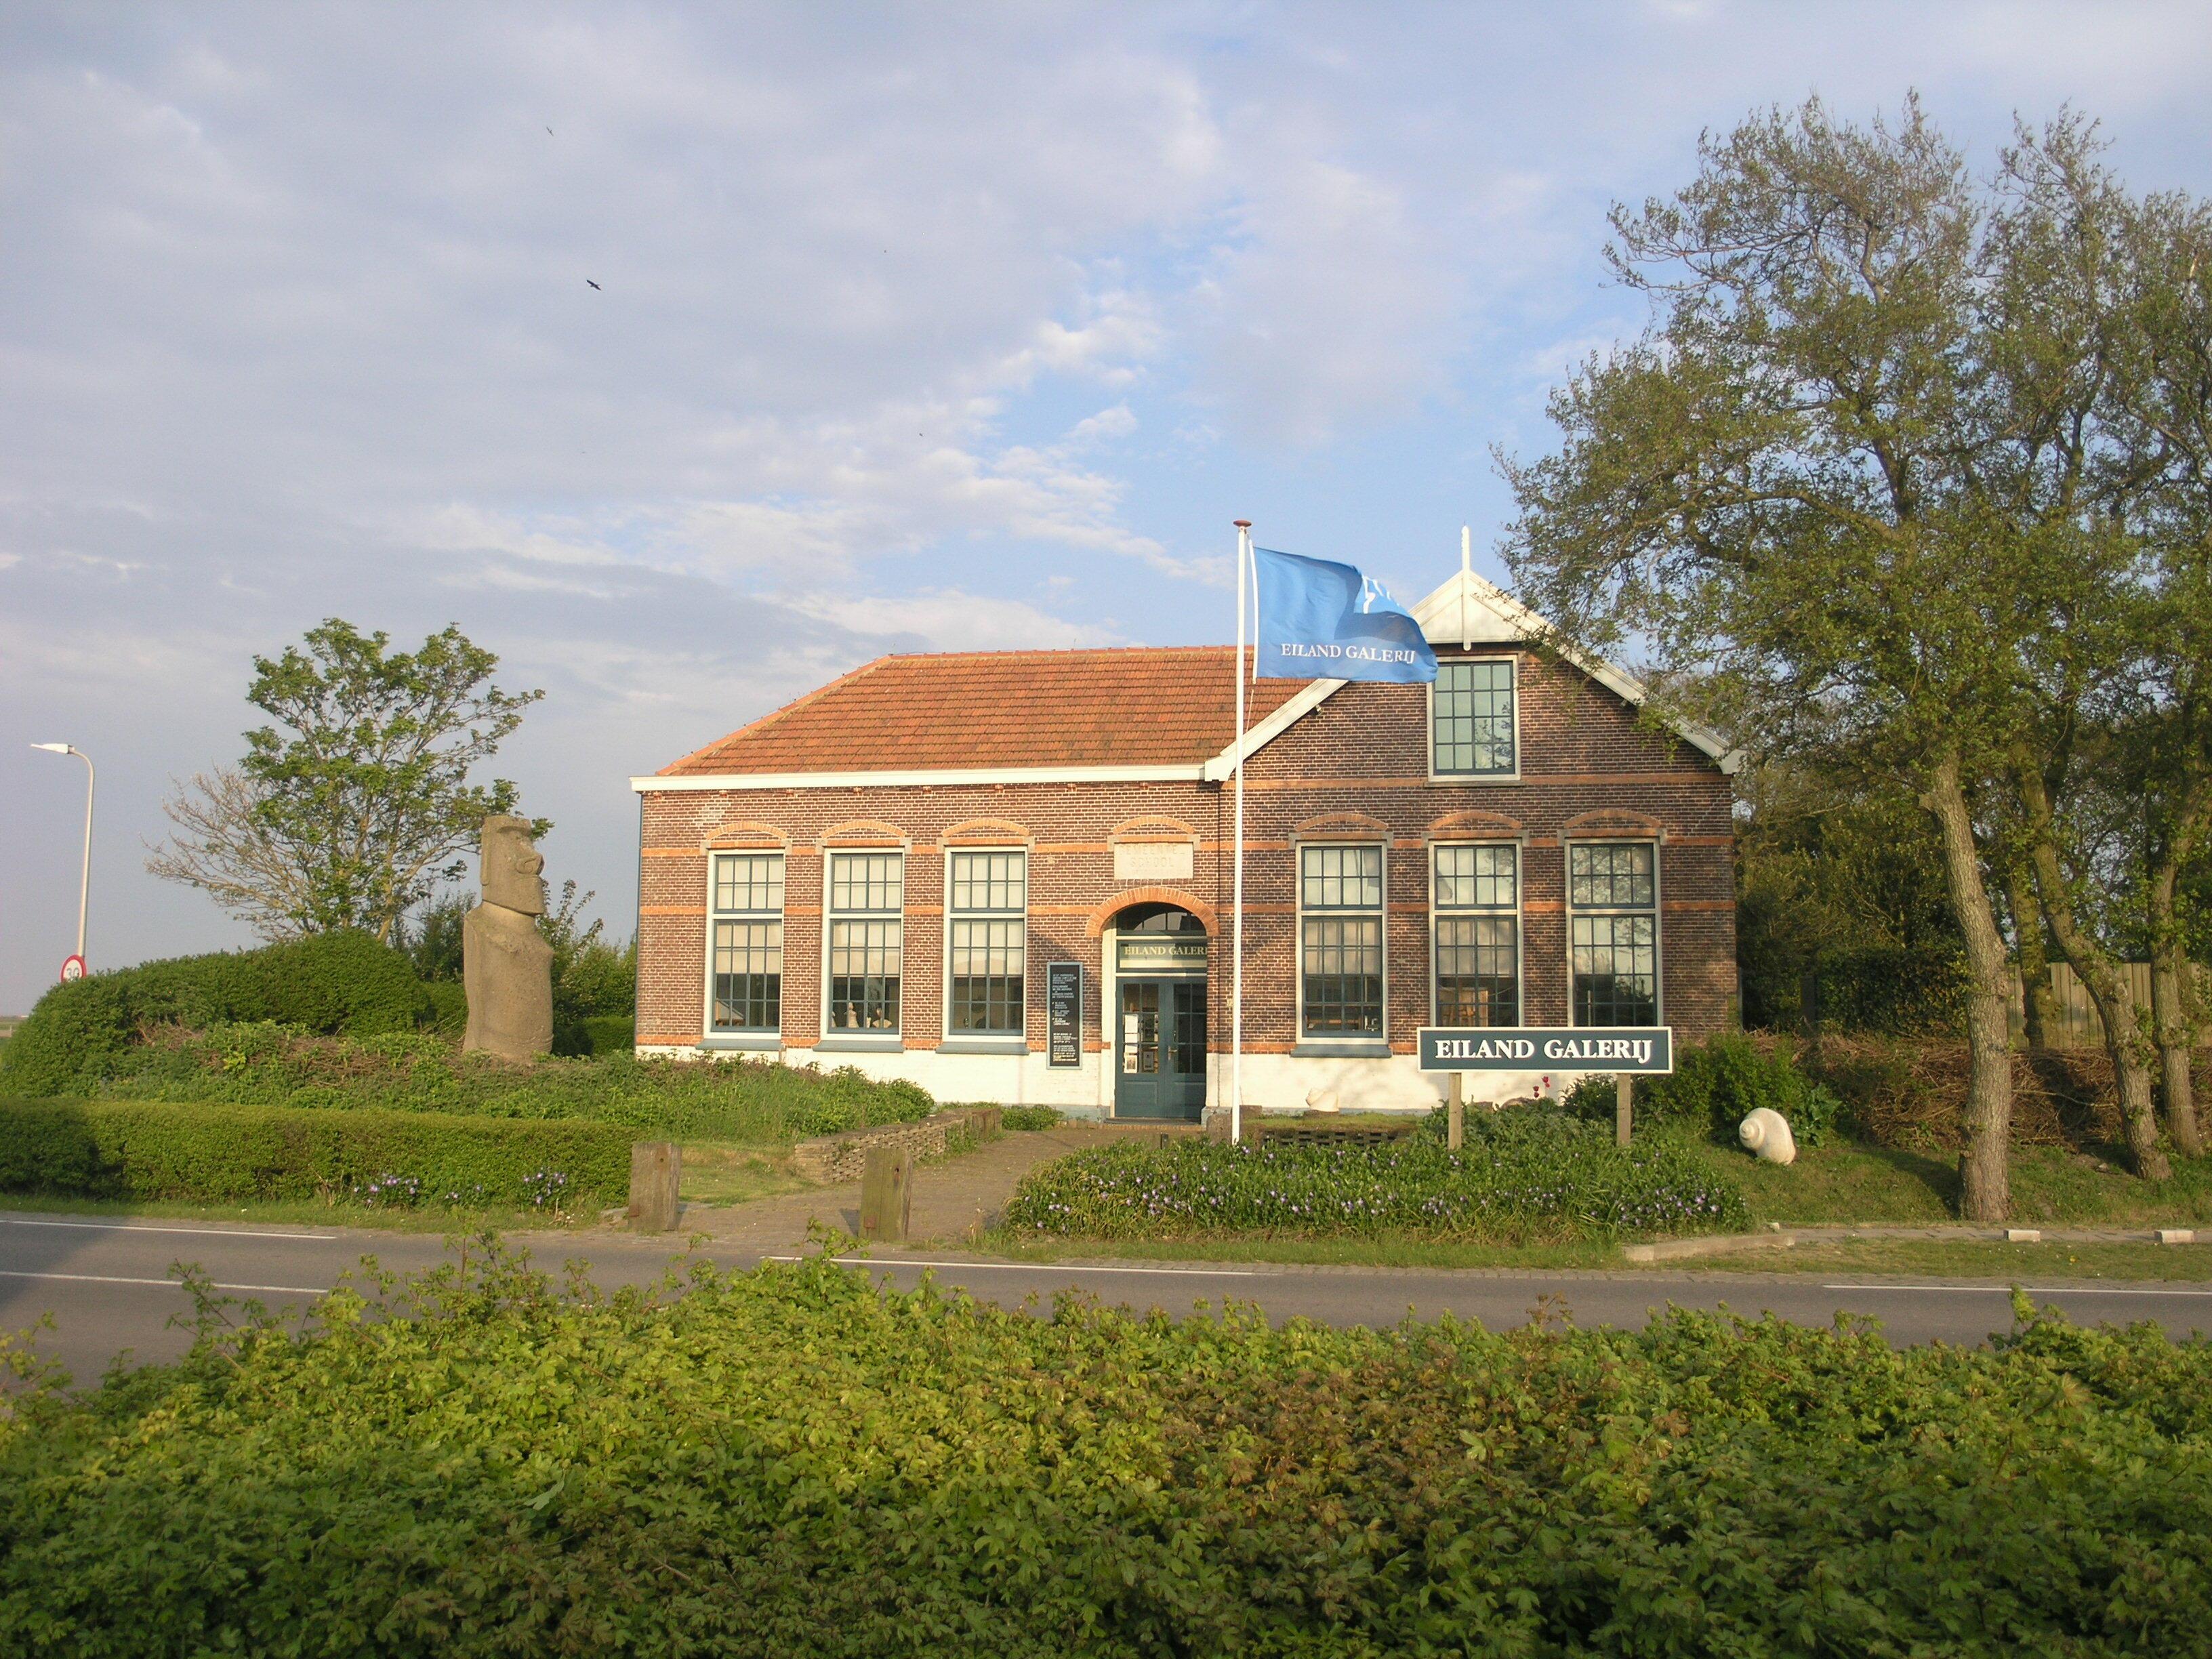 Eiland Galerij in Eierland VVV Texel